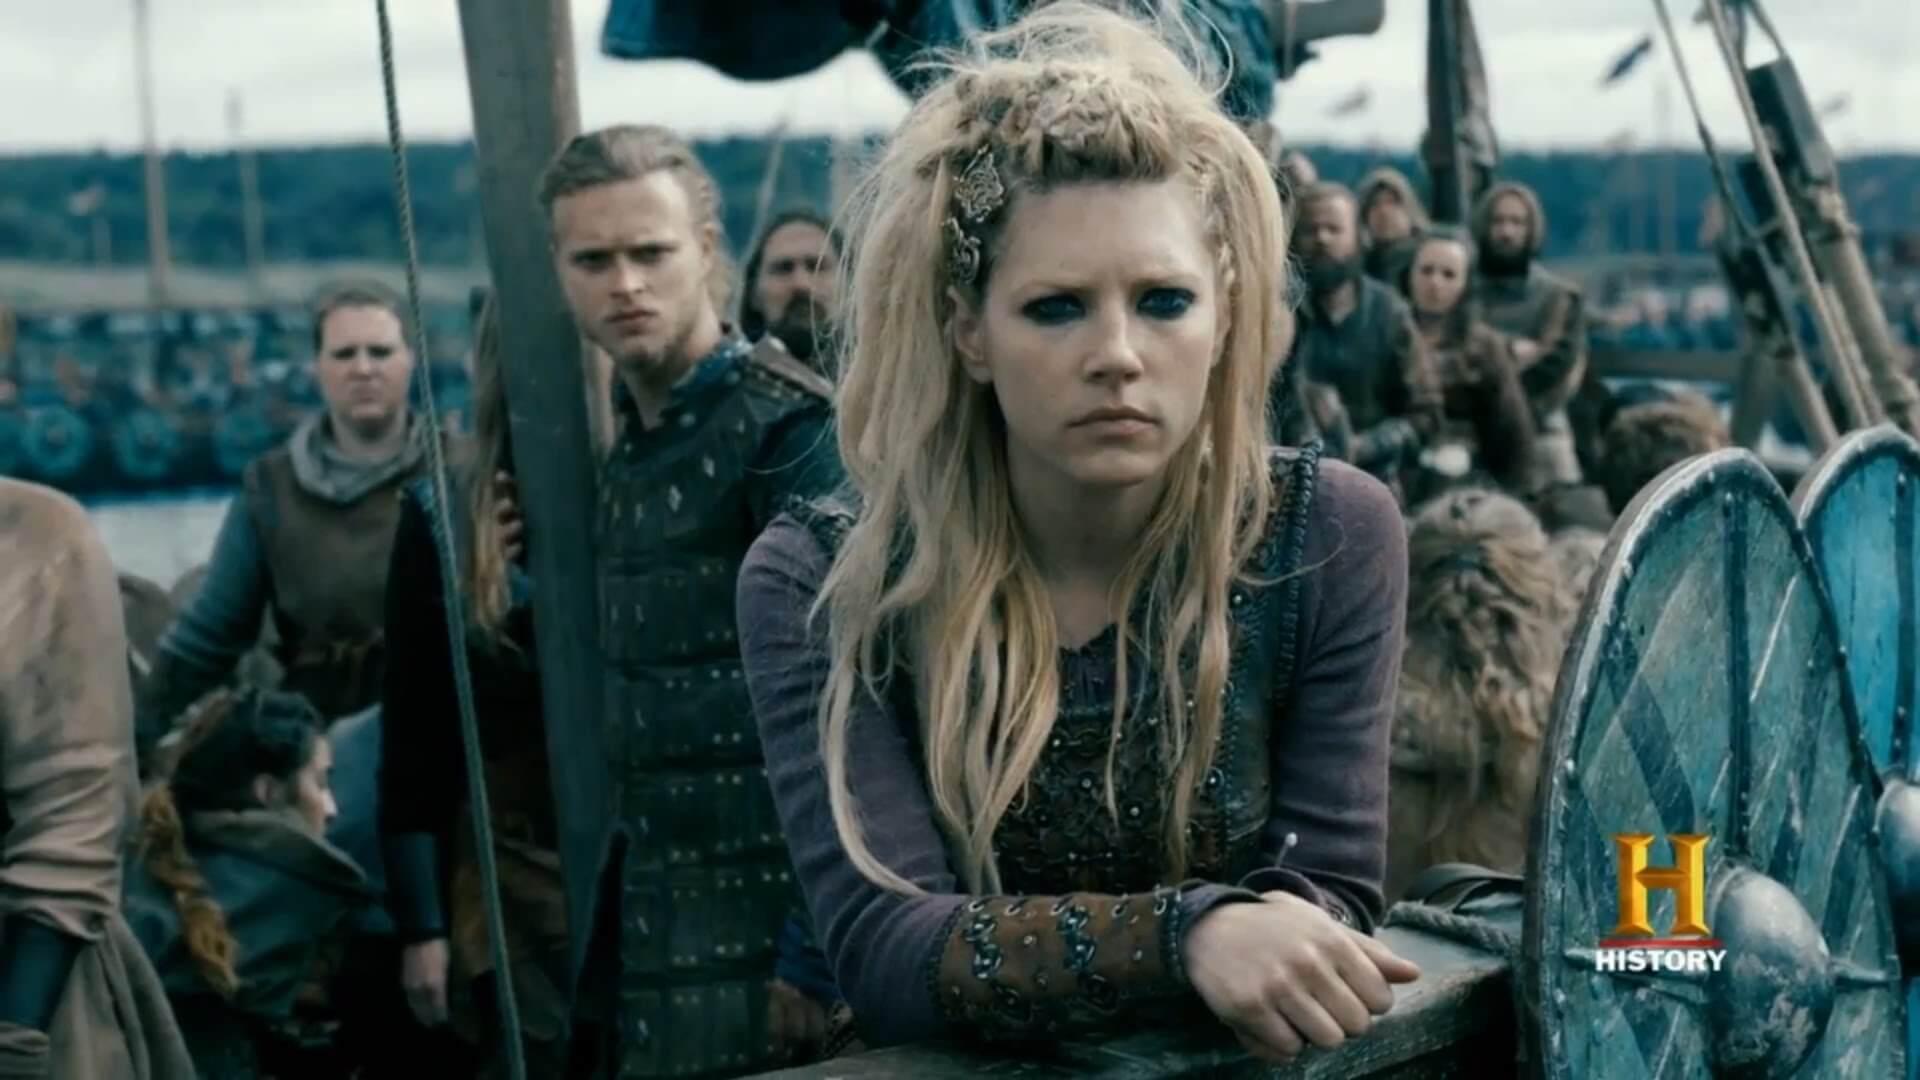 Vikings episode 6 vimeo / Maalai pozhudhin mayakathilaey full movie